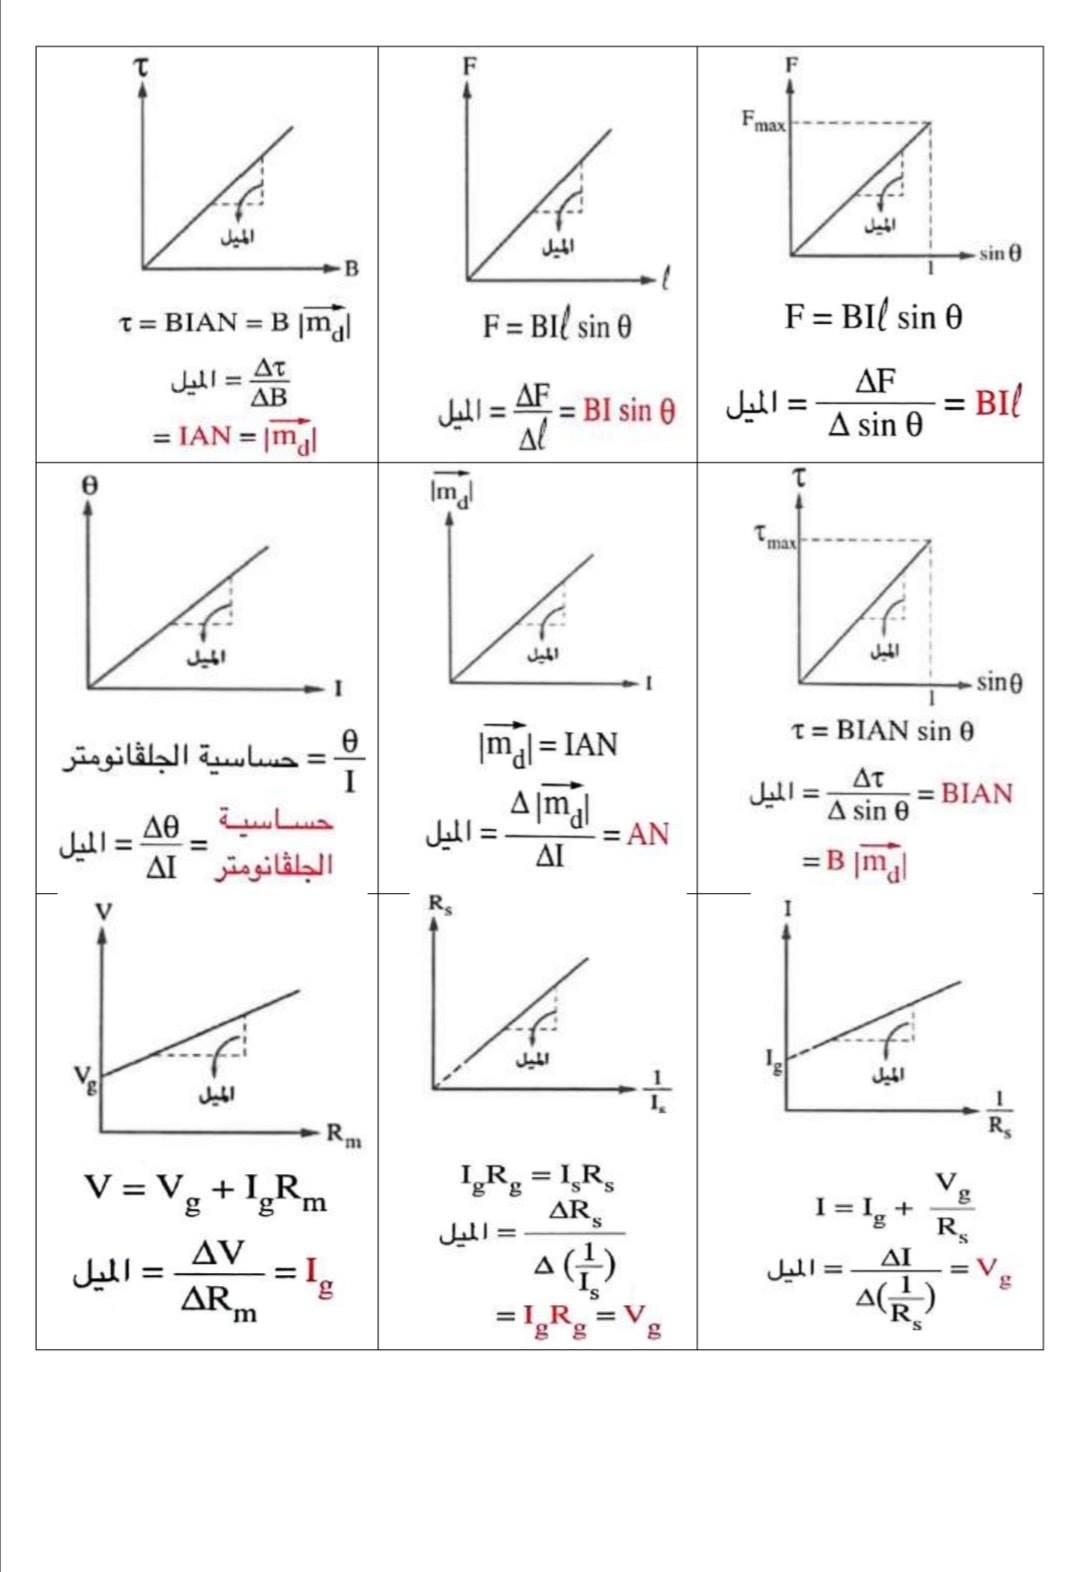 الرسوم البيانية لمنهج الفيزياء للثانوية العامة - صفحة 2 5--